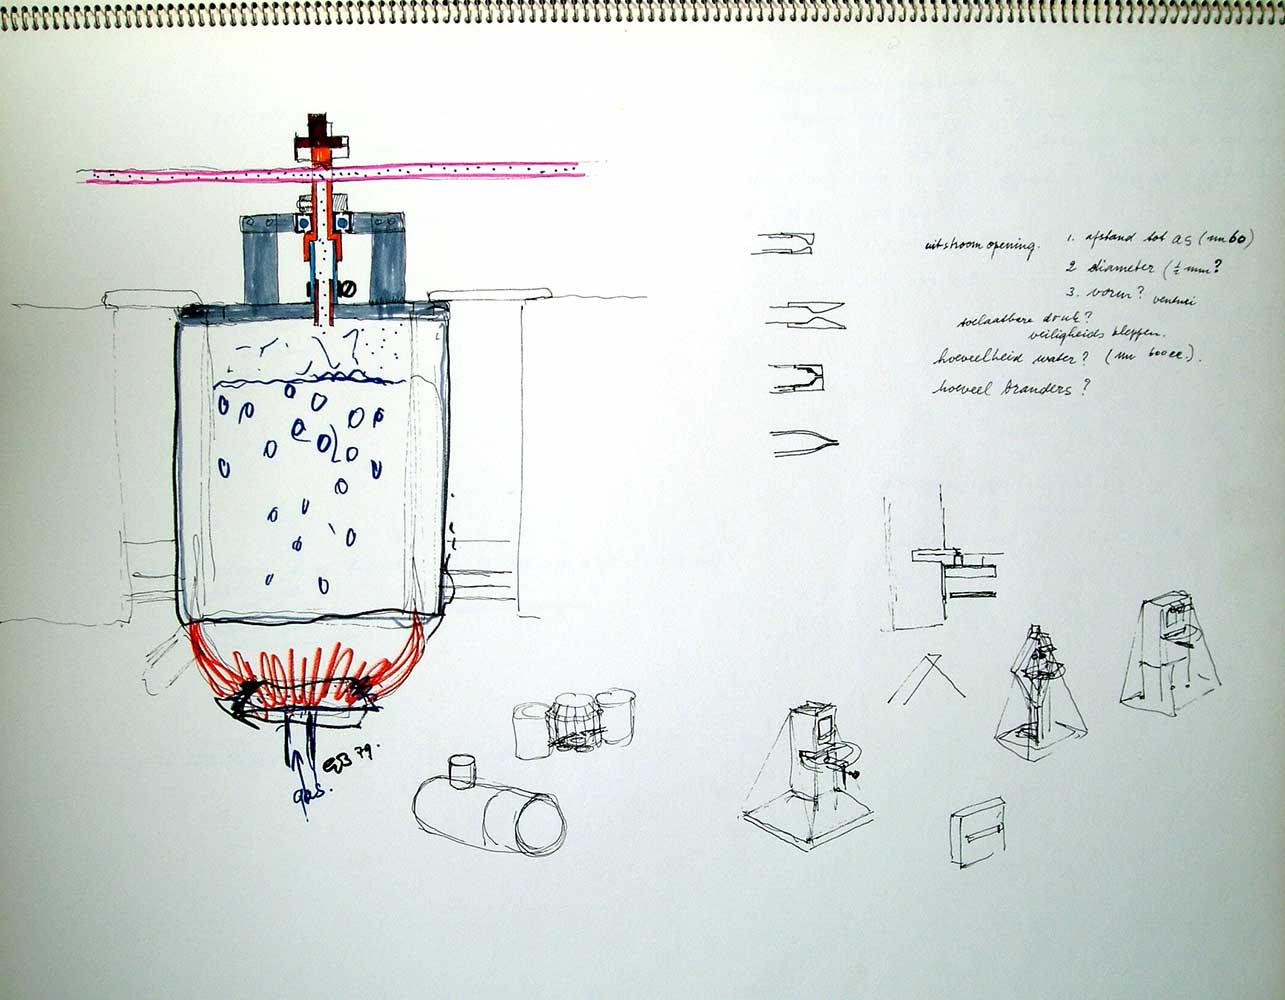 gerrit-van-bakel-stradivarius-effect-schets-SXG1978-